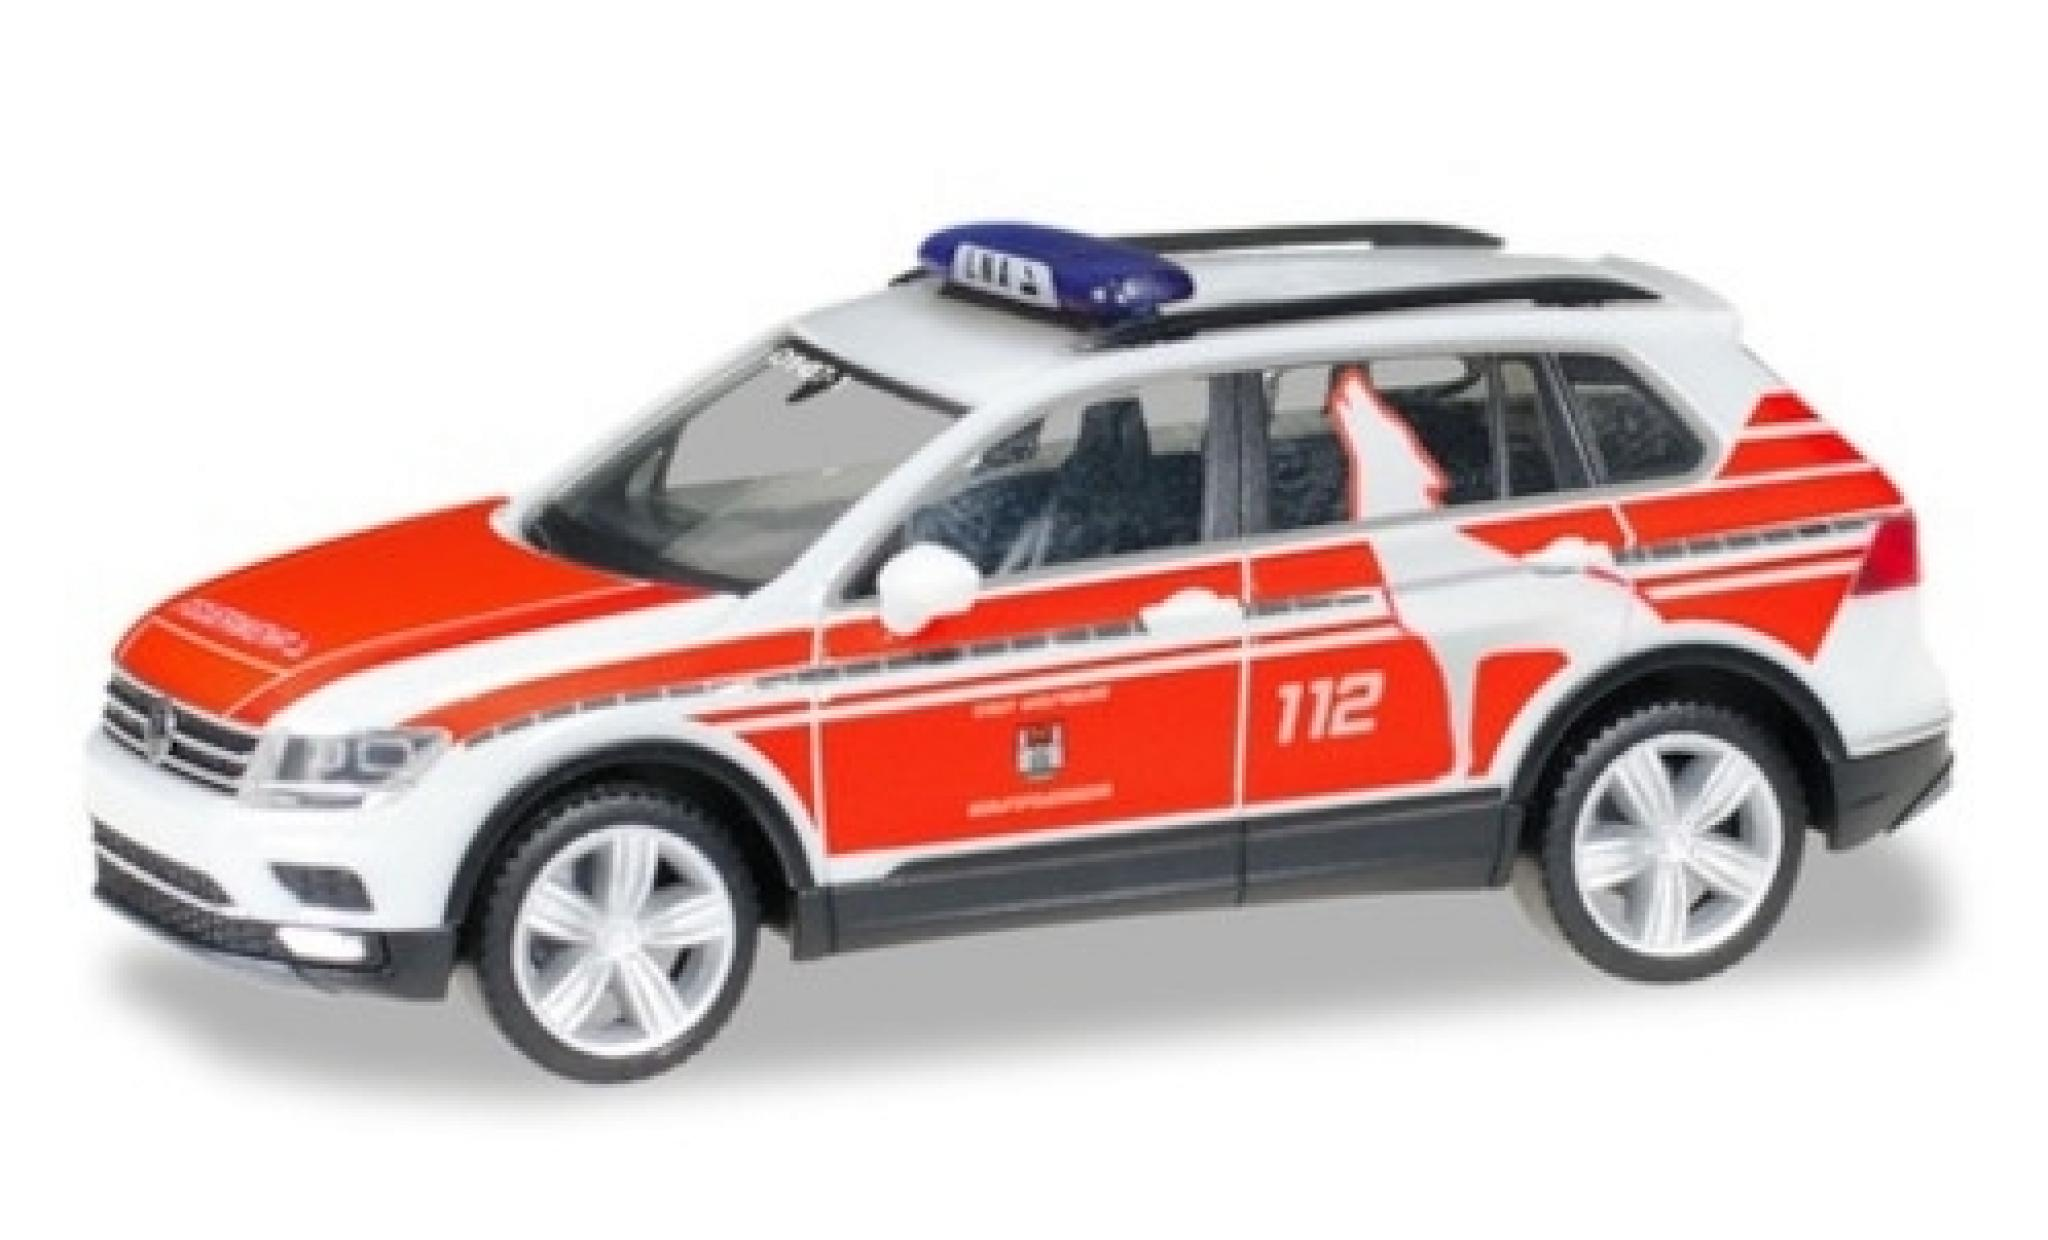 Volkswagen Tiguan 1/87 Herpa Feuerwehr Wolfsburg Notarztfahrzeug